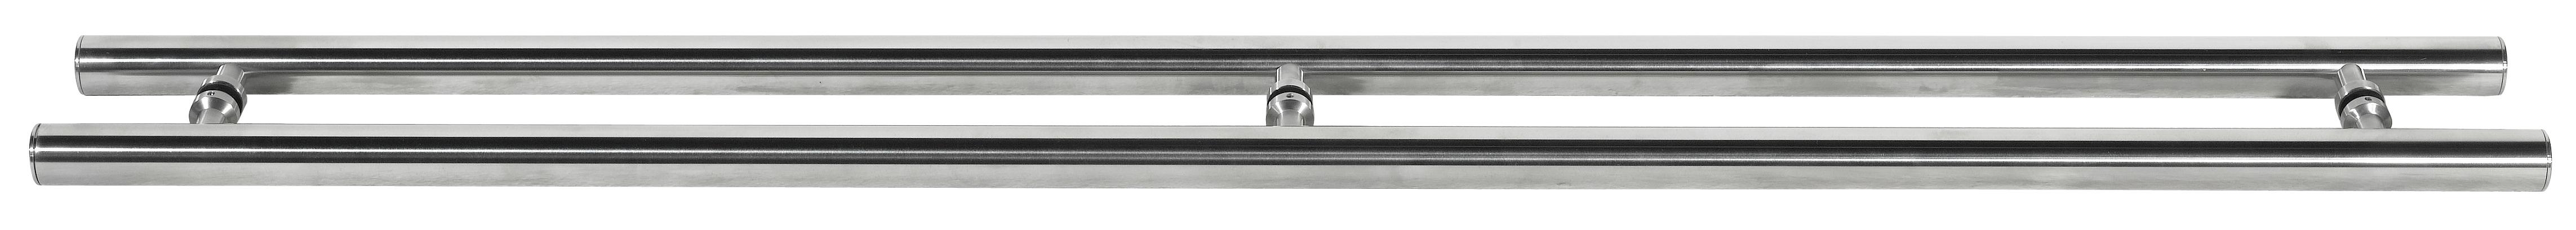 Modele de manere pentru usi din sticla SADEV DECOR - Poza 1